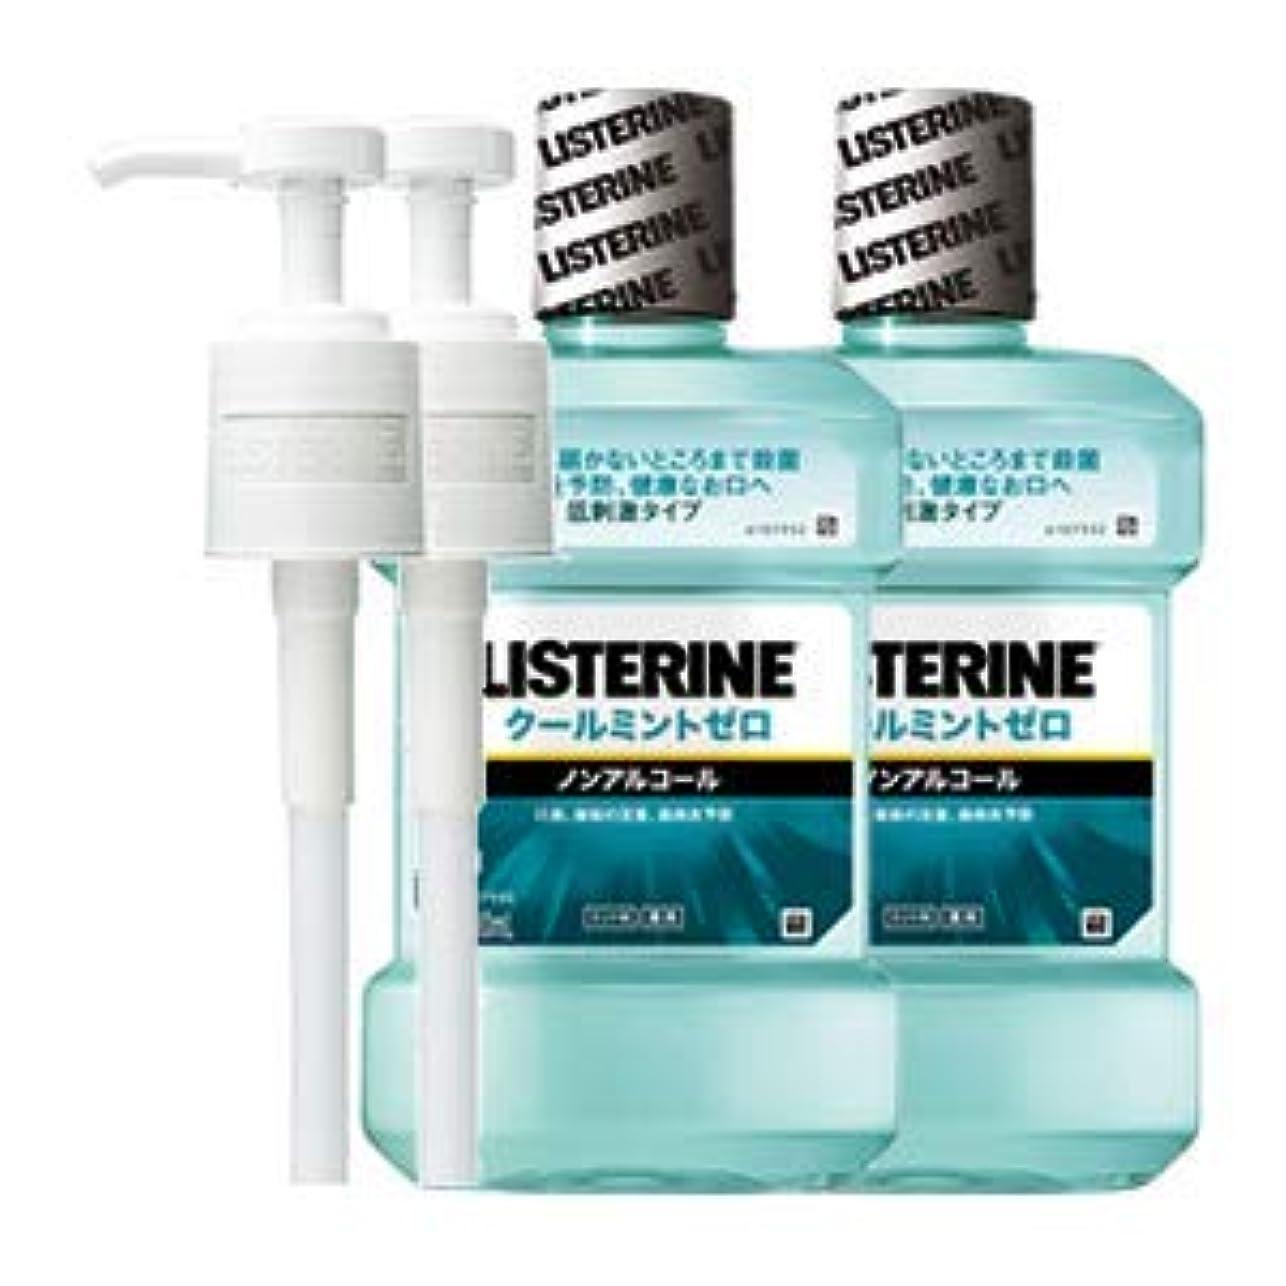 計器以内にを必要としています薬用 リステリン クールミント ゼロ (マウスウォッシュ/洗口液) 1000mL 2点セット (ポンプ付)